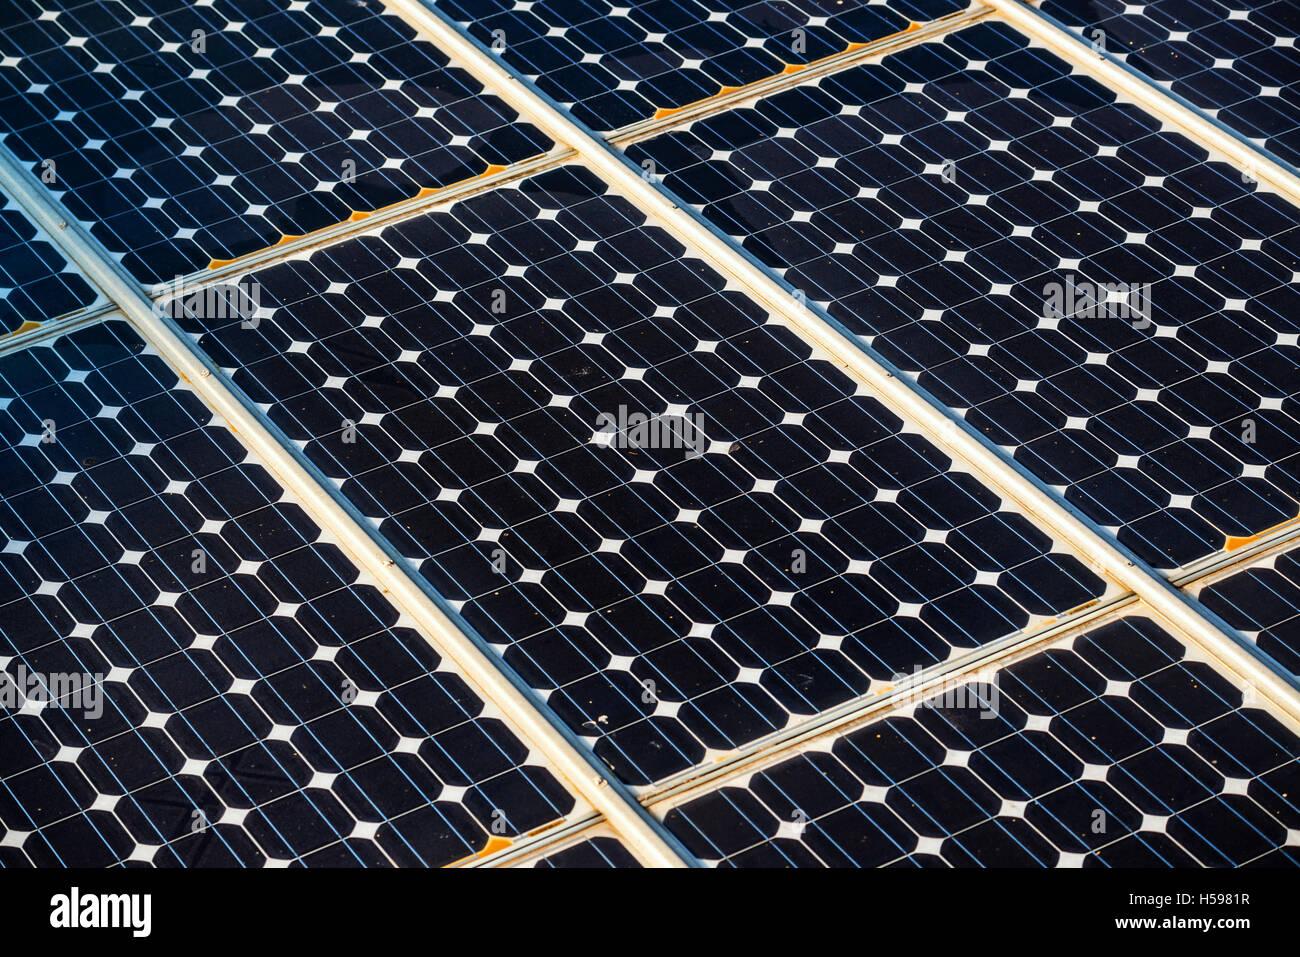 Superficie de paneles solares, la tecnología para la energía renovable y la industria eléctrica Imagen De Stock